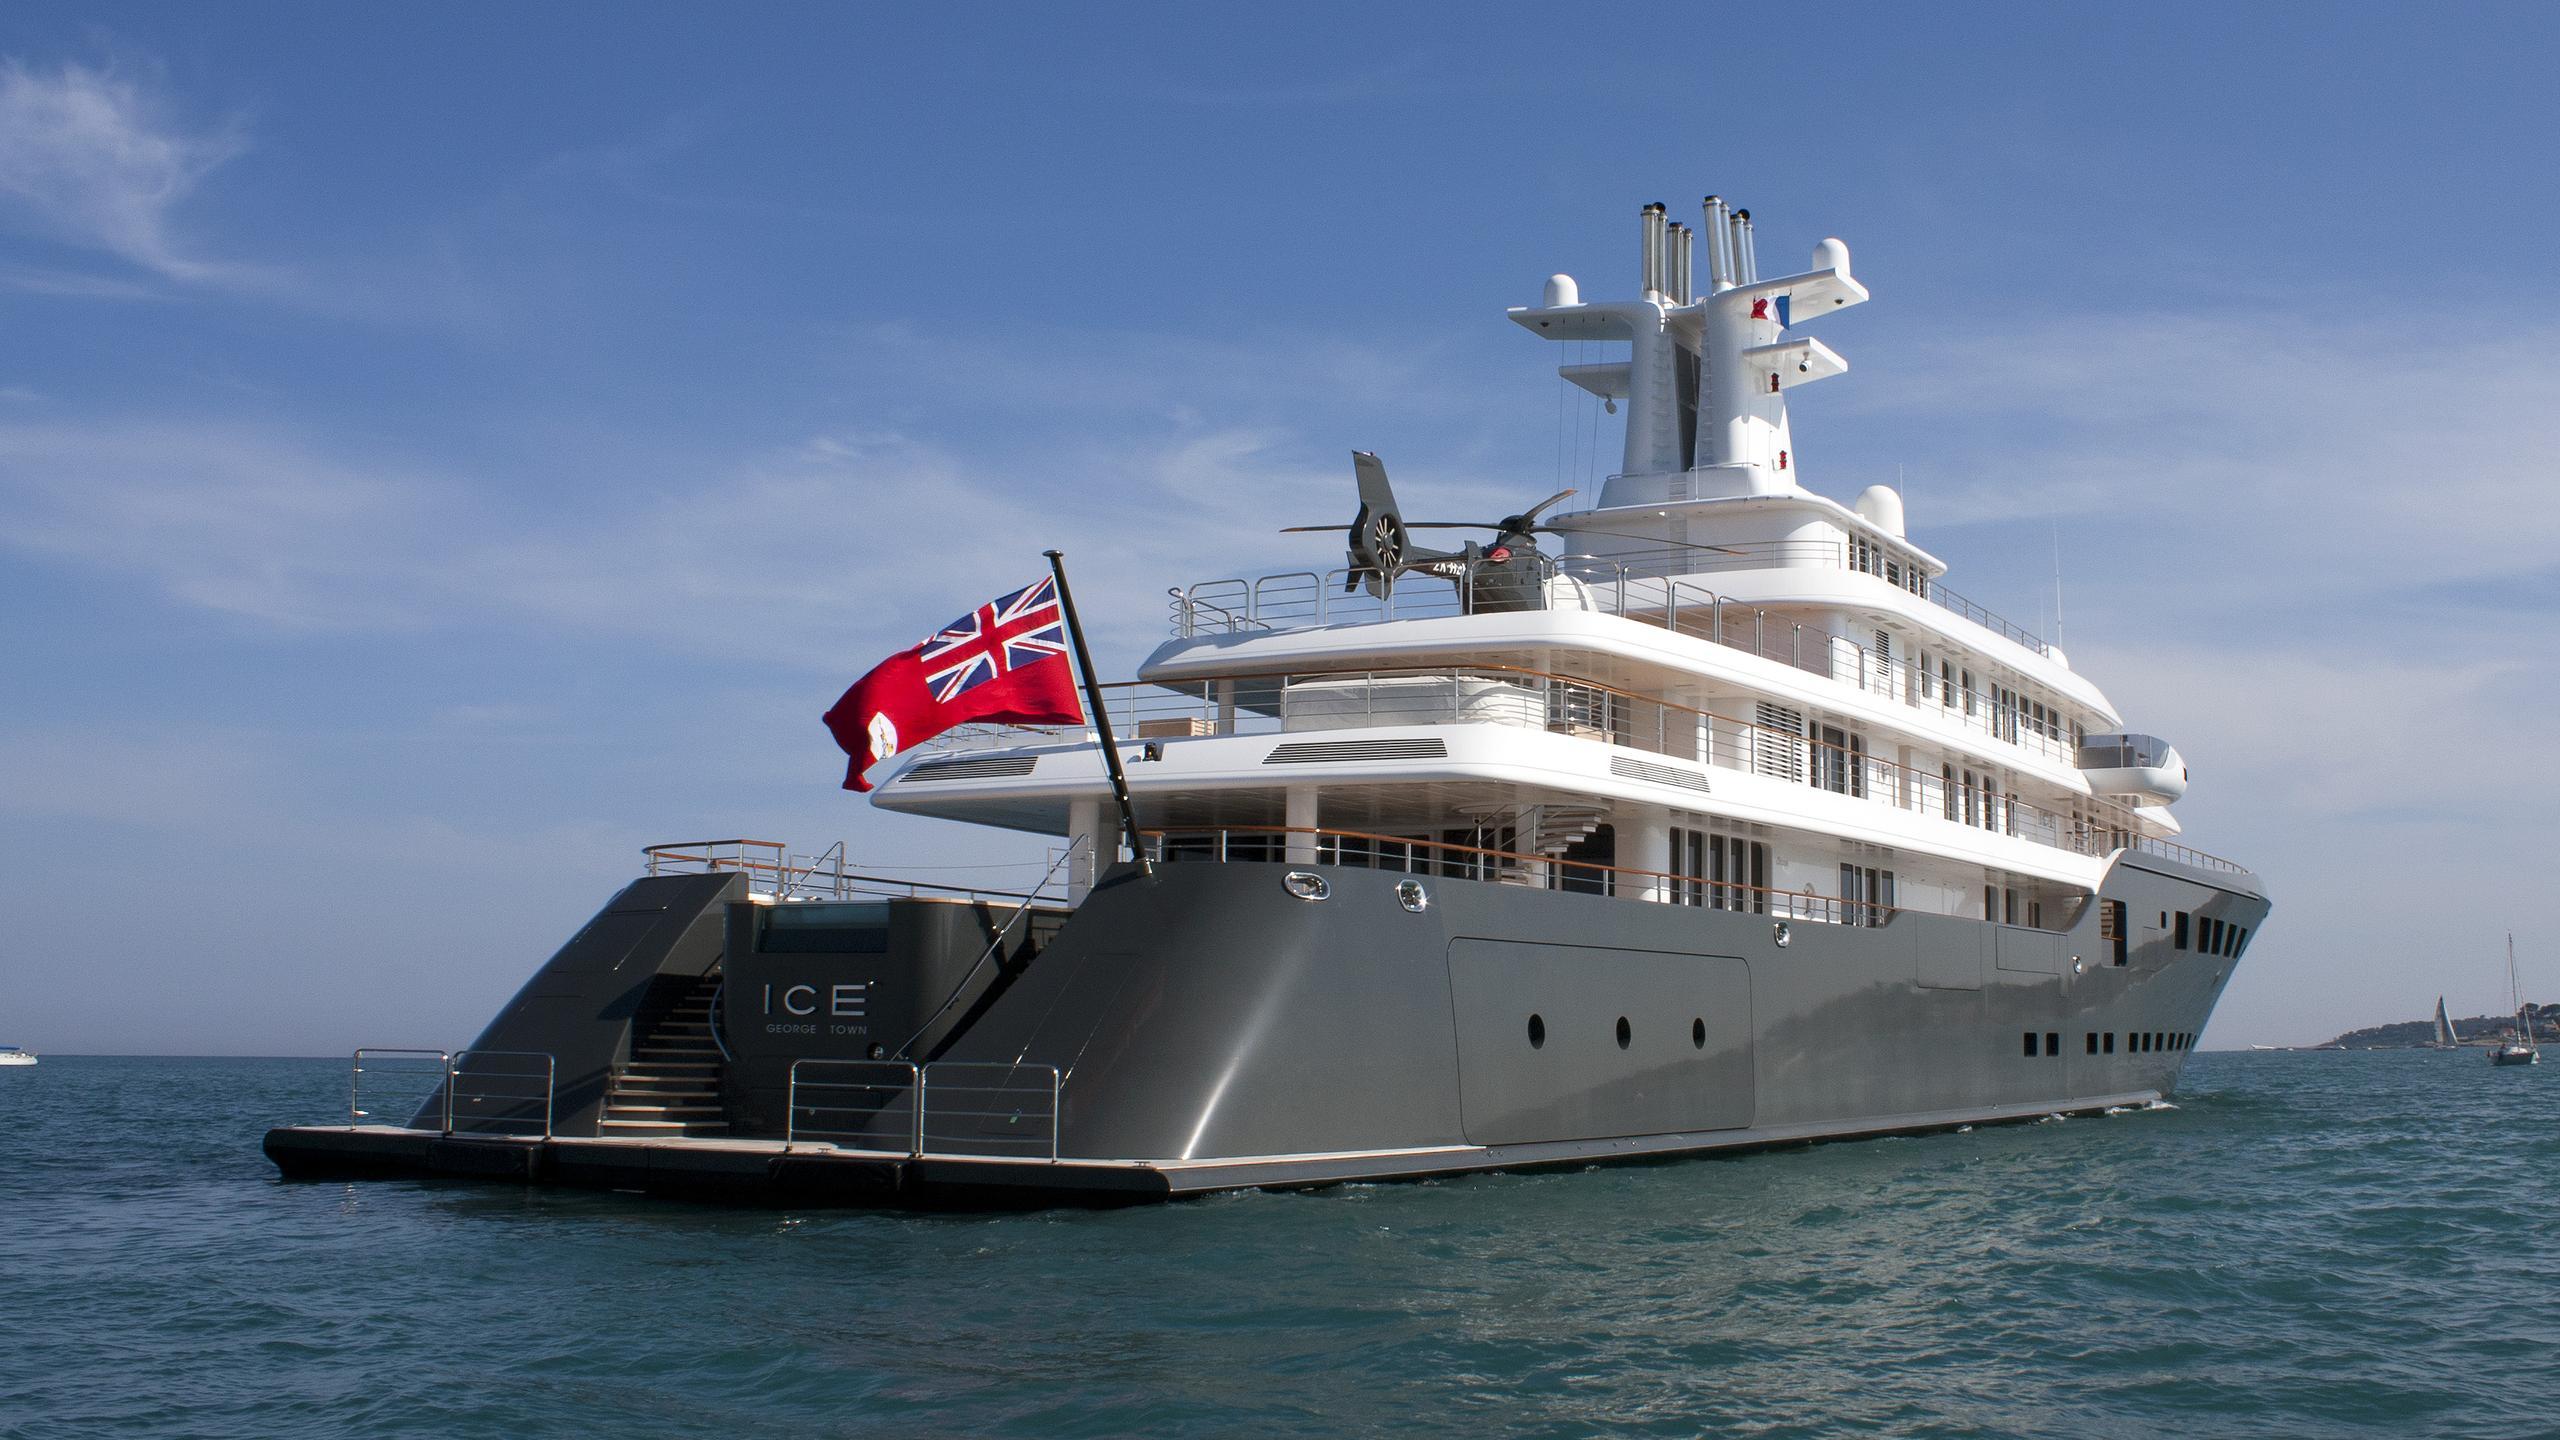 ice-explorer-yacht-lurssen-2005-90m-stern